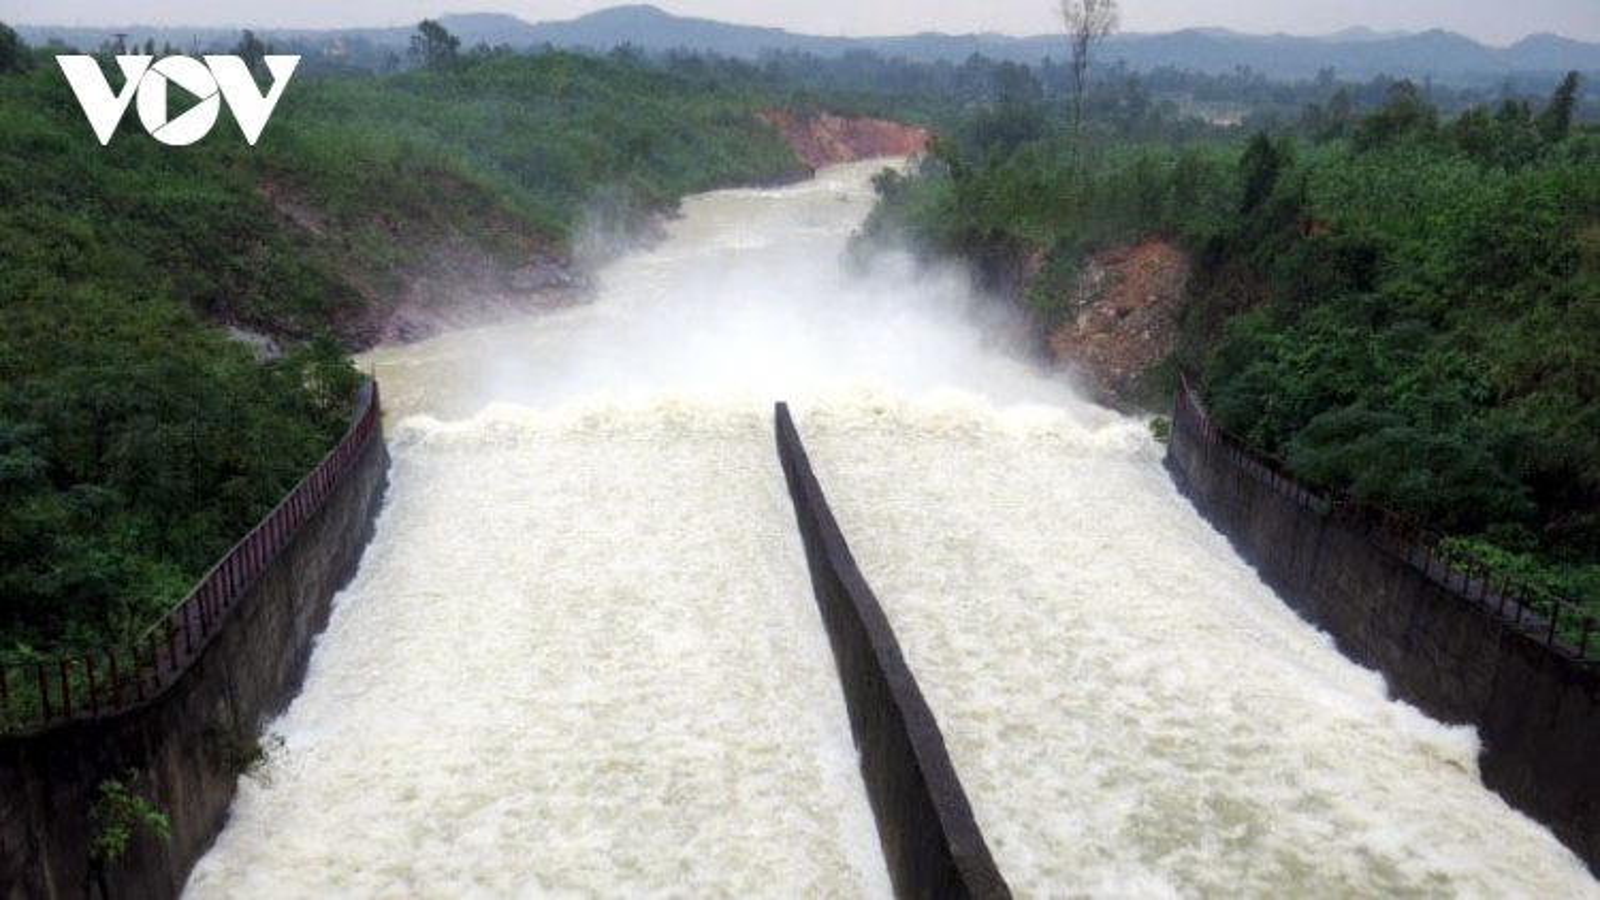 Lũ lụt ở miền Trung: Xây dựng, vận hành thủy điện nhỏ phải thận trọng